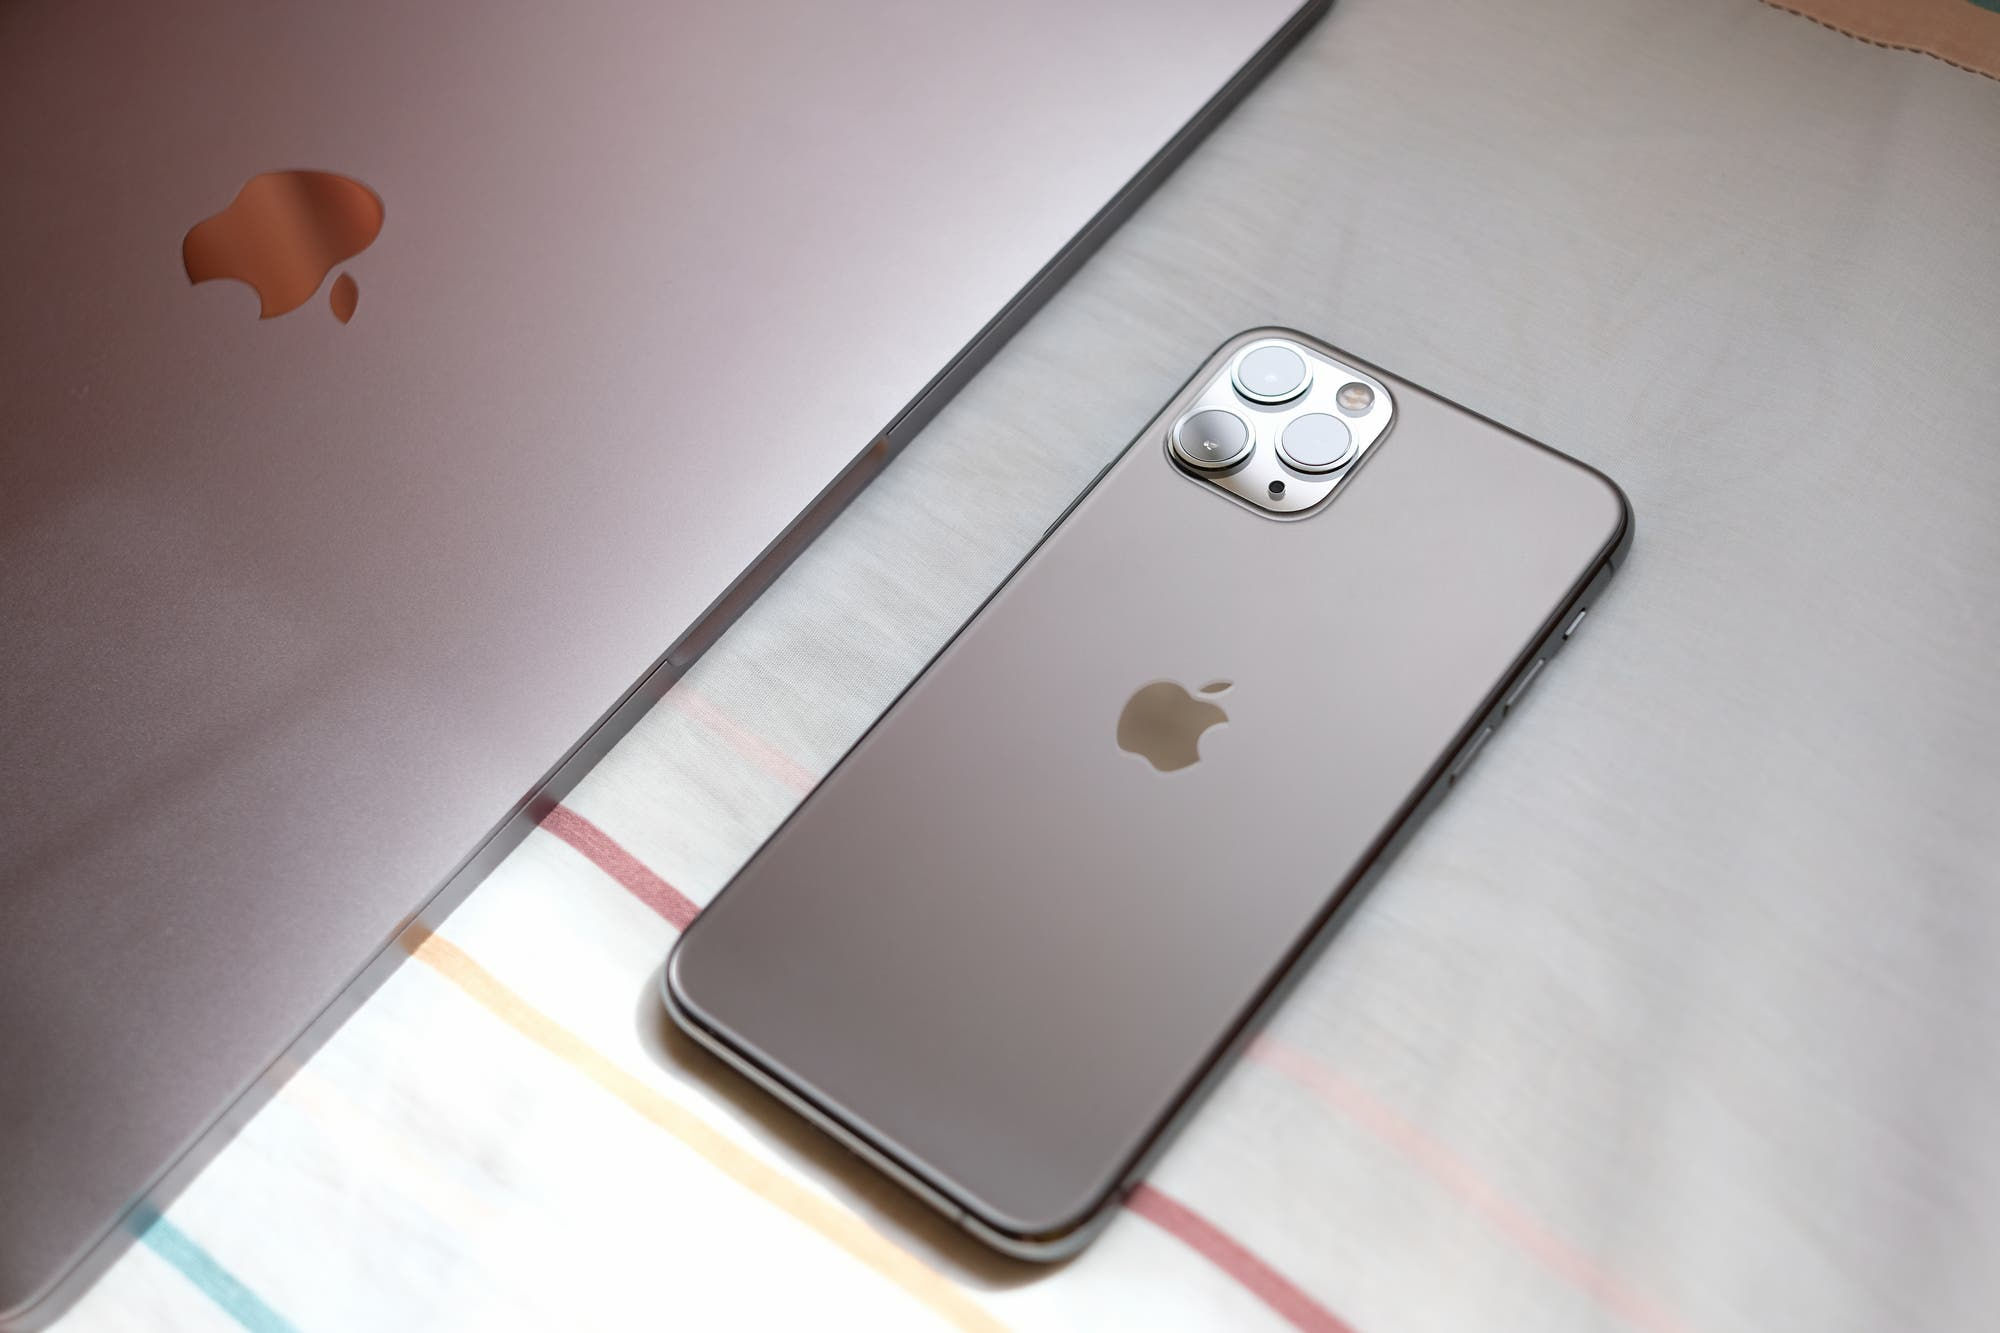 Sin iPhone: Apple no quiere los villanos usen sus dispositivos en las películas de Hollywood